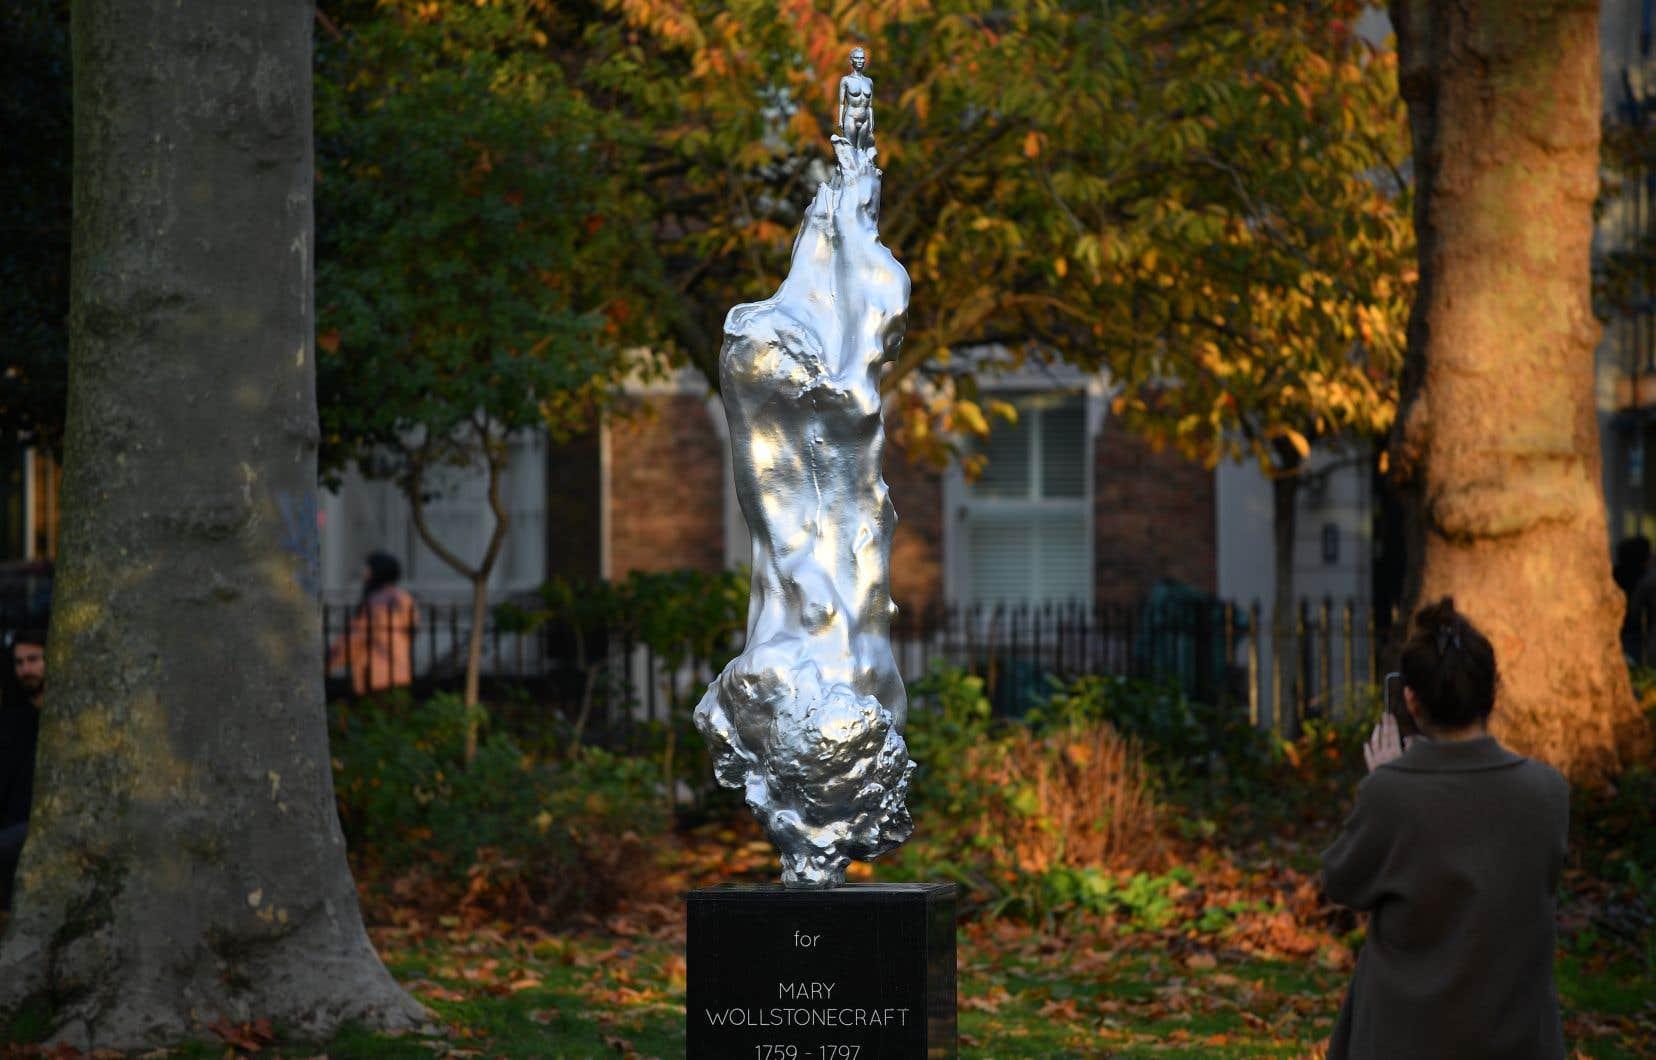 Créée par l'artiste Maggi Hambling, l'œuvre représente une jeune femme nue sculptée en haut d'une gigantesque masse de bronze argentée prenant la forme d'un tourbillon de formes féminines.